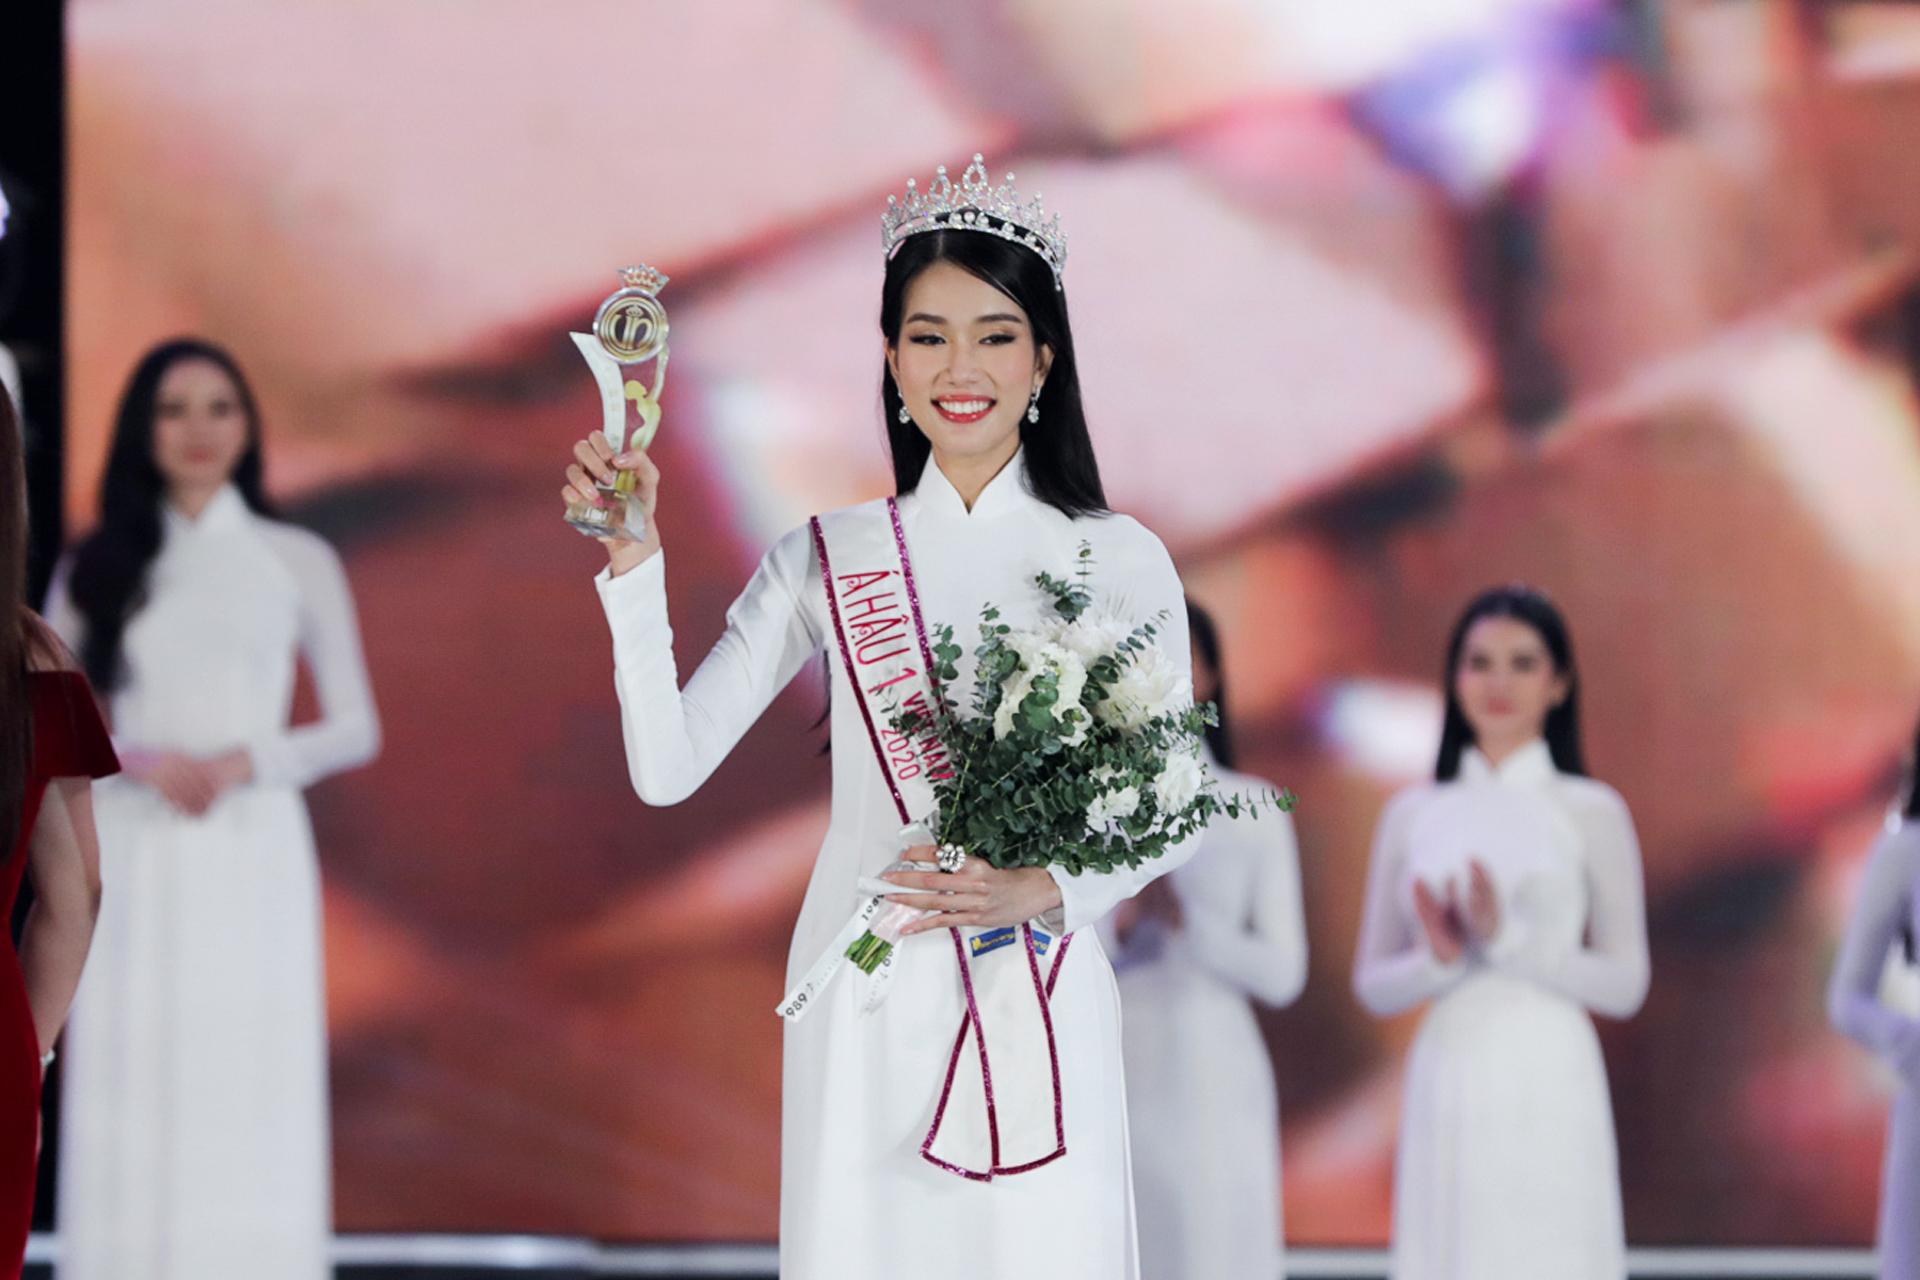 Học vấn khủng của Á hậu 1 Phạm Ngọc Phương Anh: 11 năm điểm trung bình 9.0, hai bằng ngoại ngữ, học bổng toàn phần tại ĐH RMIT 0